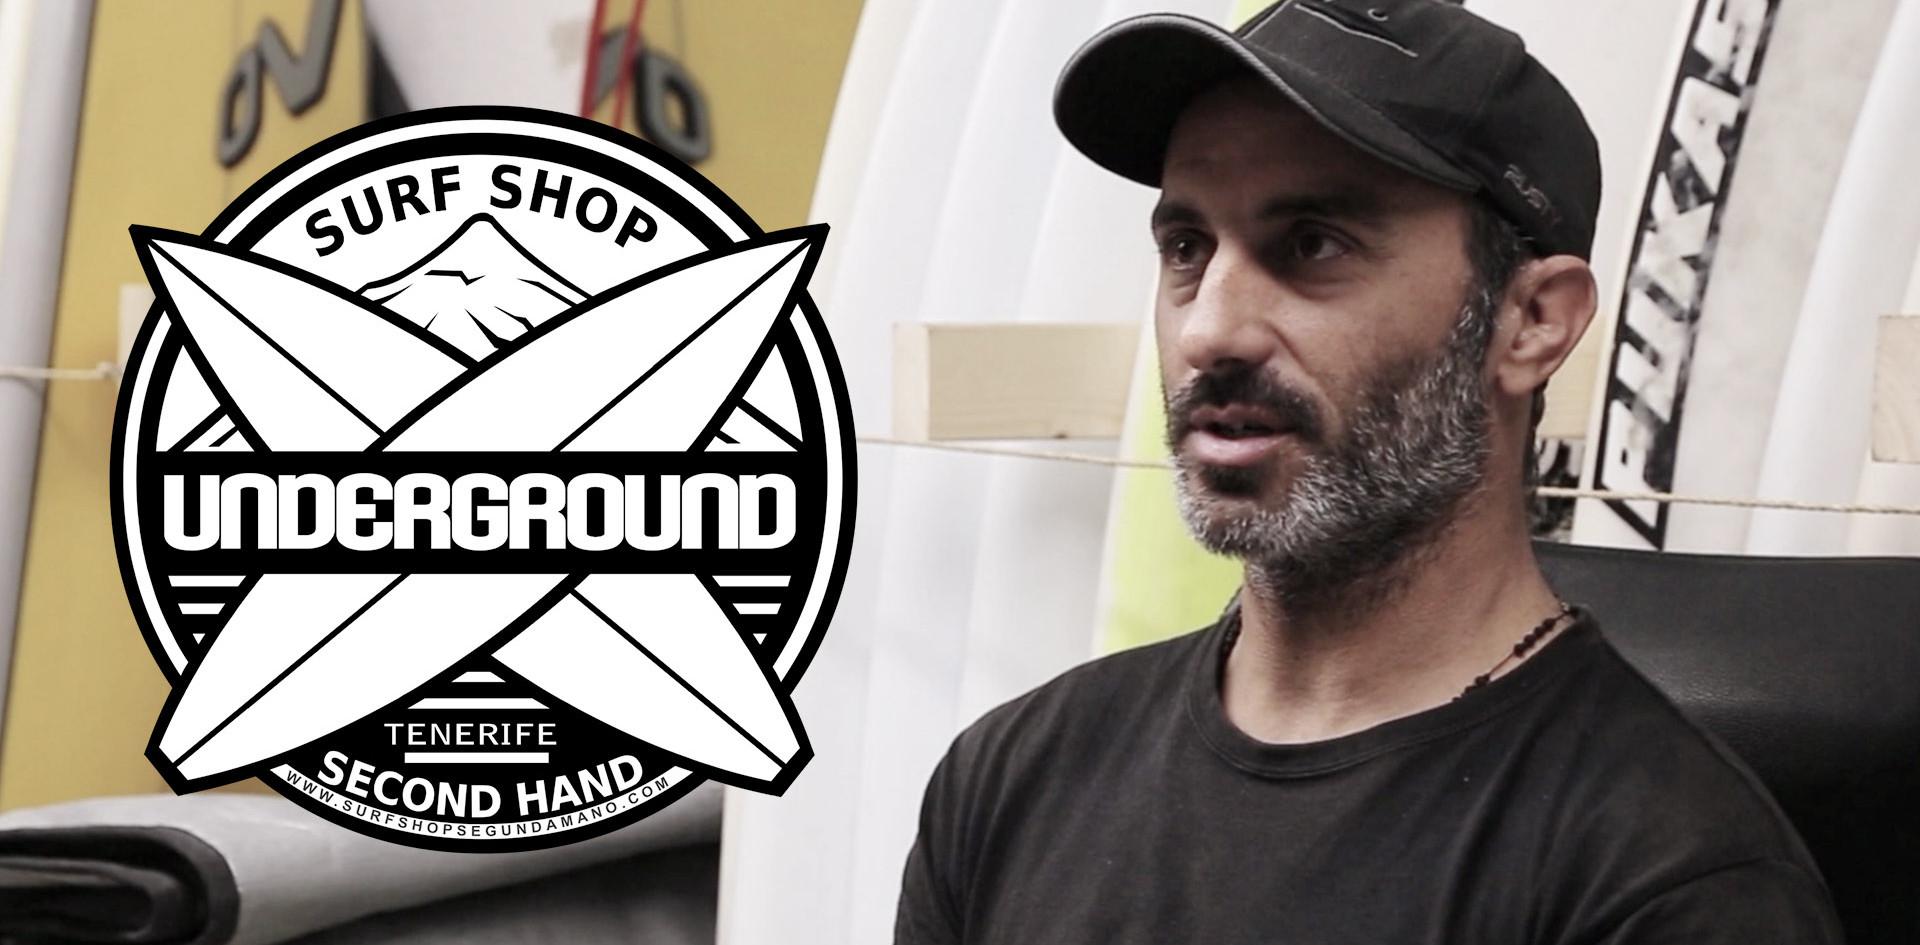 Surf Shop Underground - Meet Mauricio